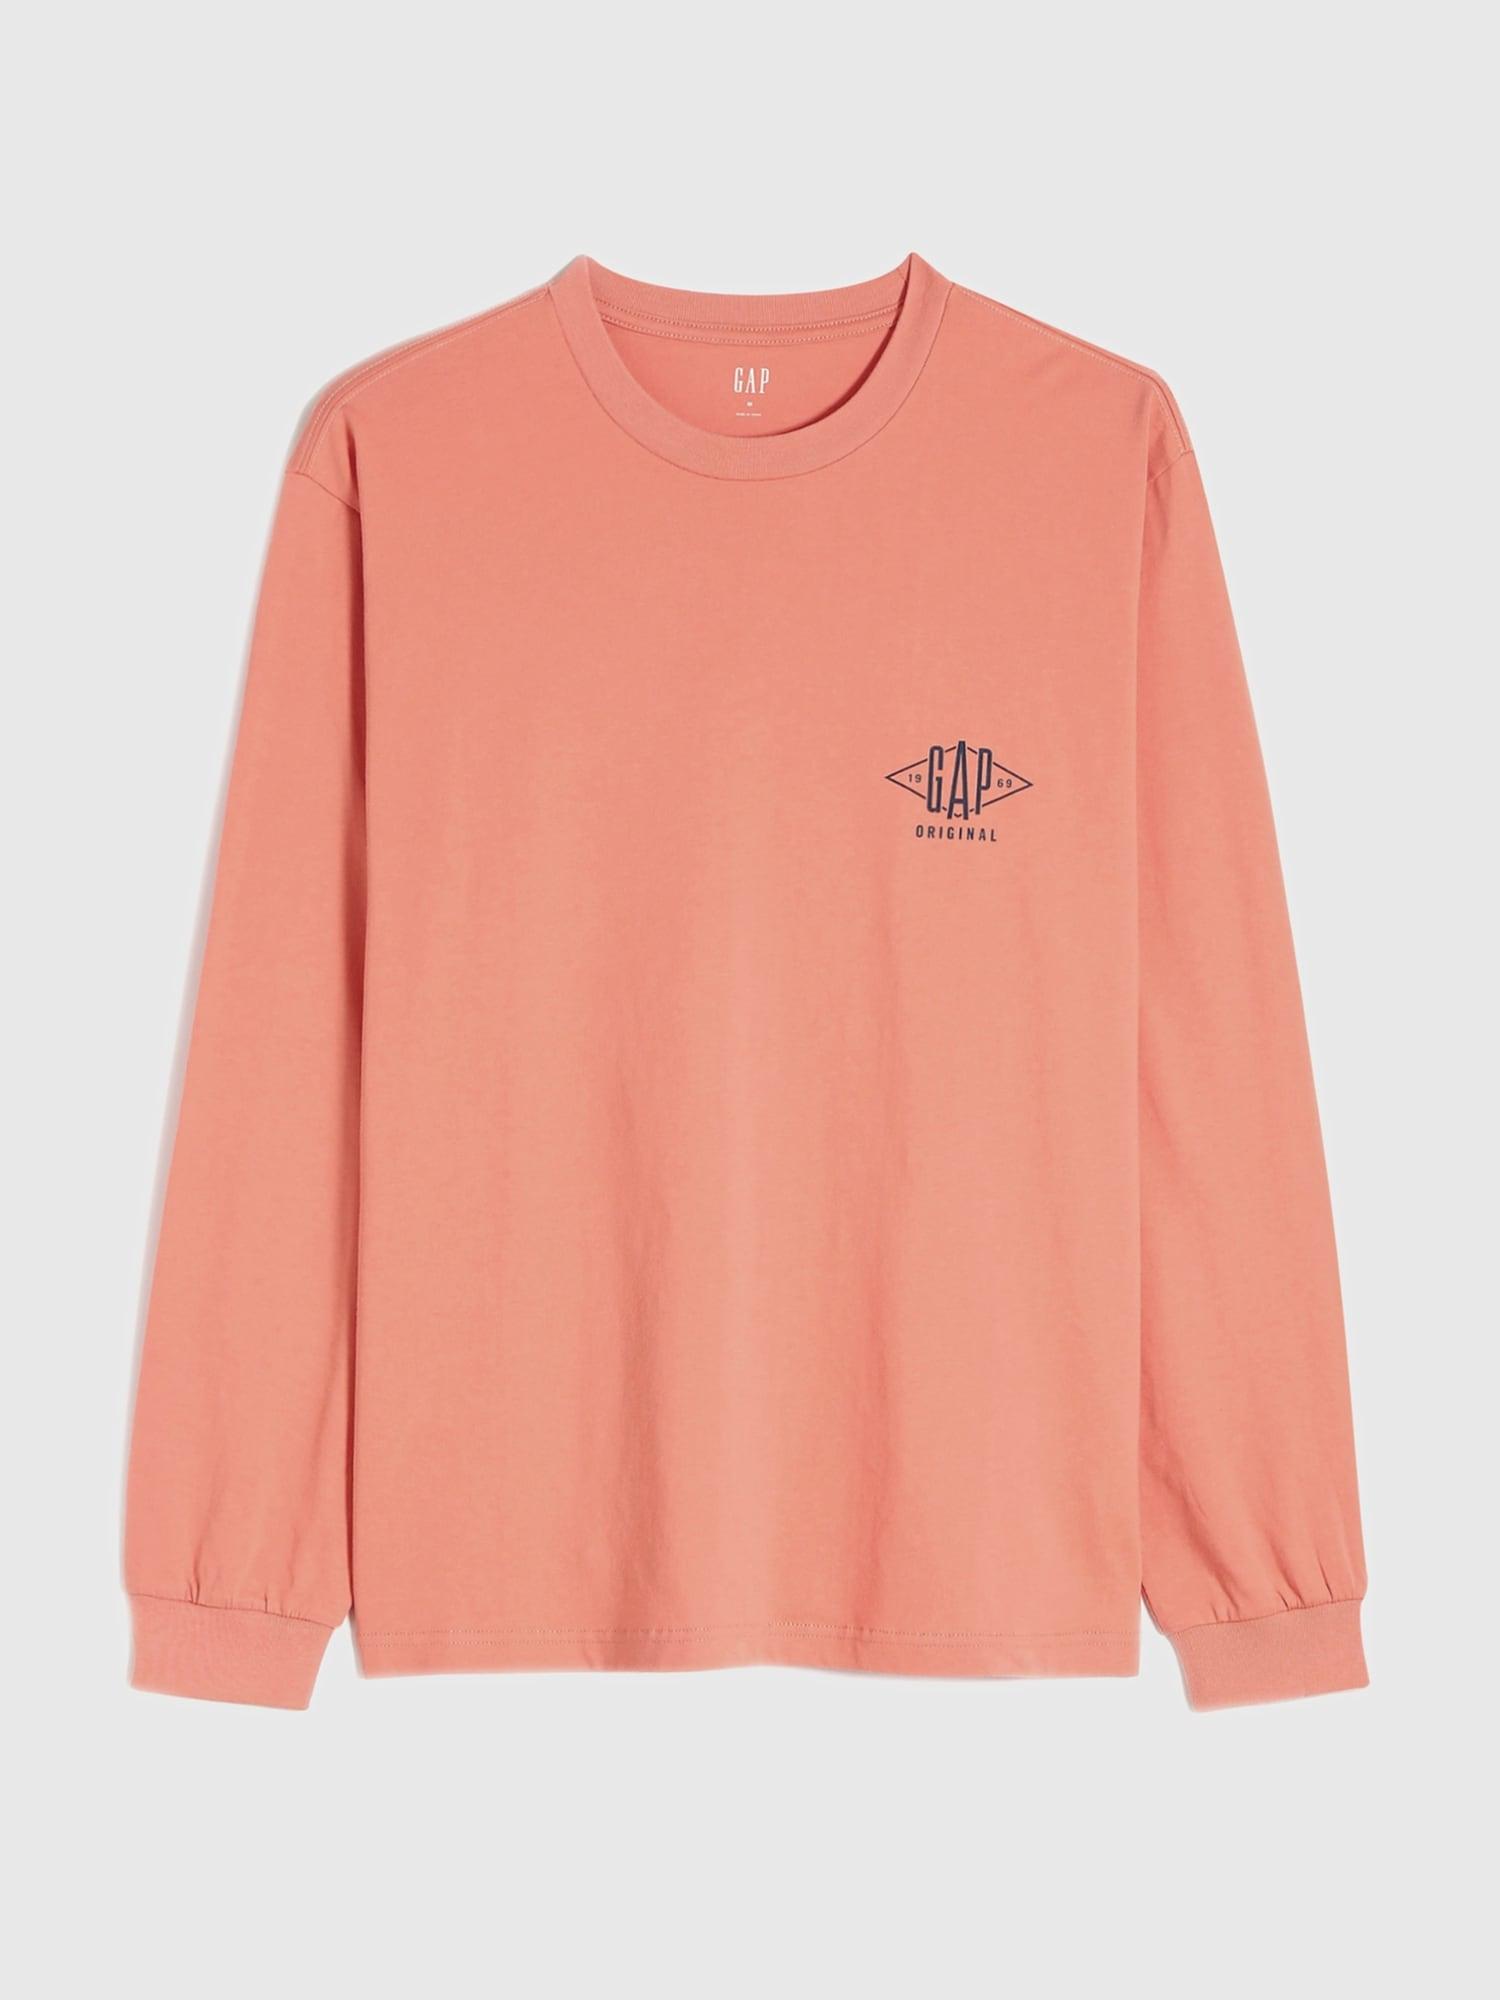 Gapロゴ オーバーサイズtシャツ